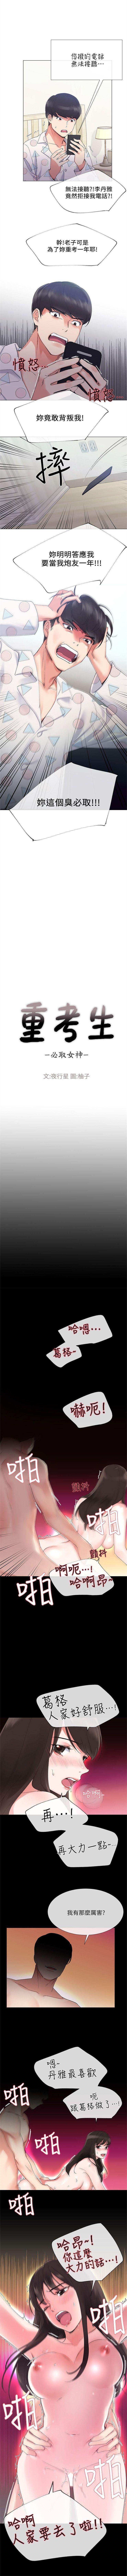 重考生 1-44 中文翻译(更新中) 29